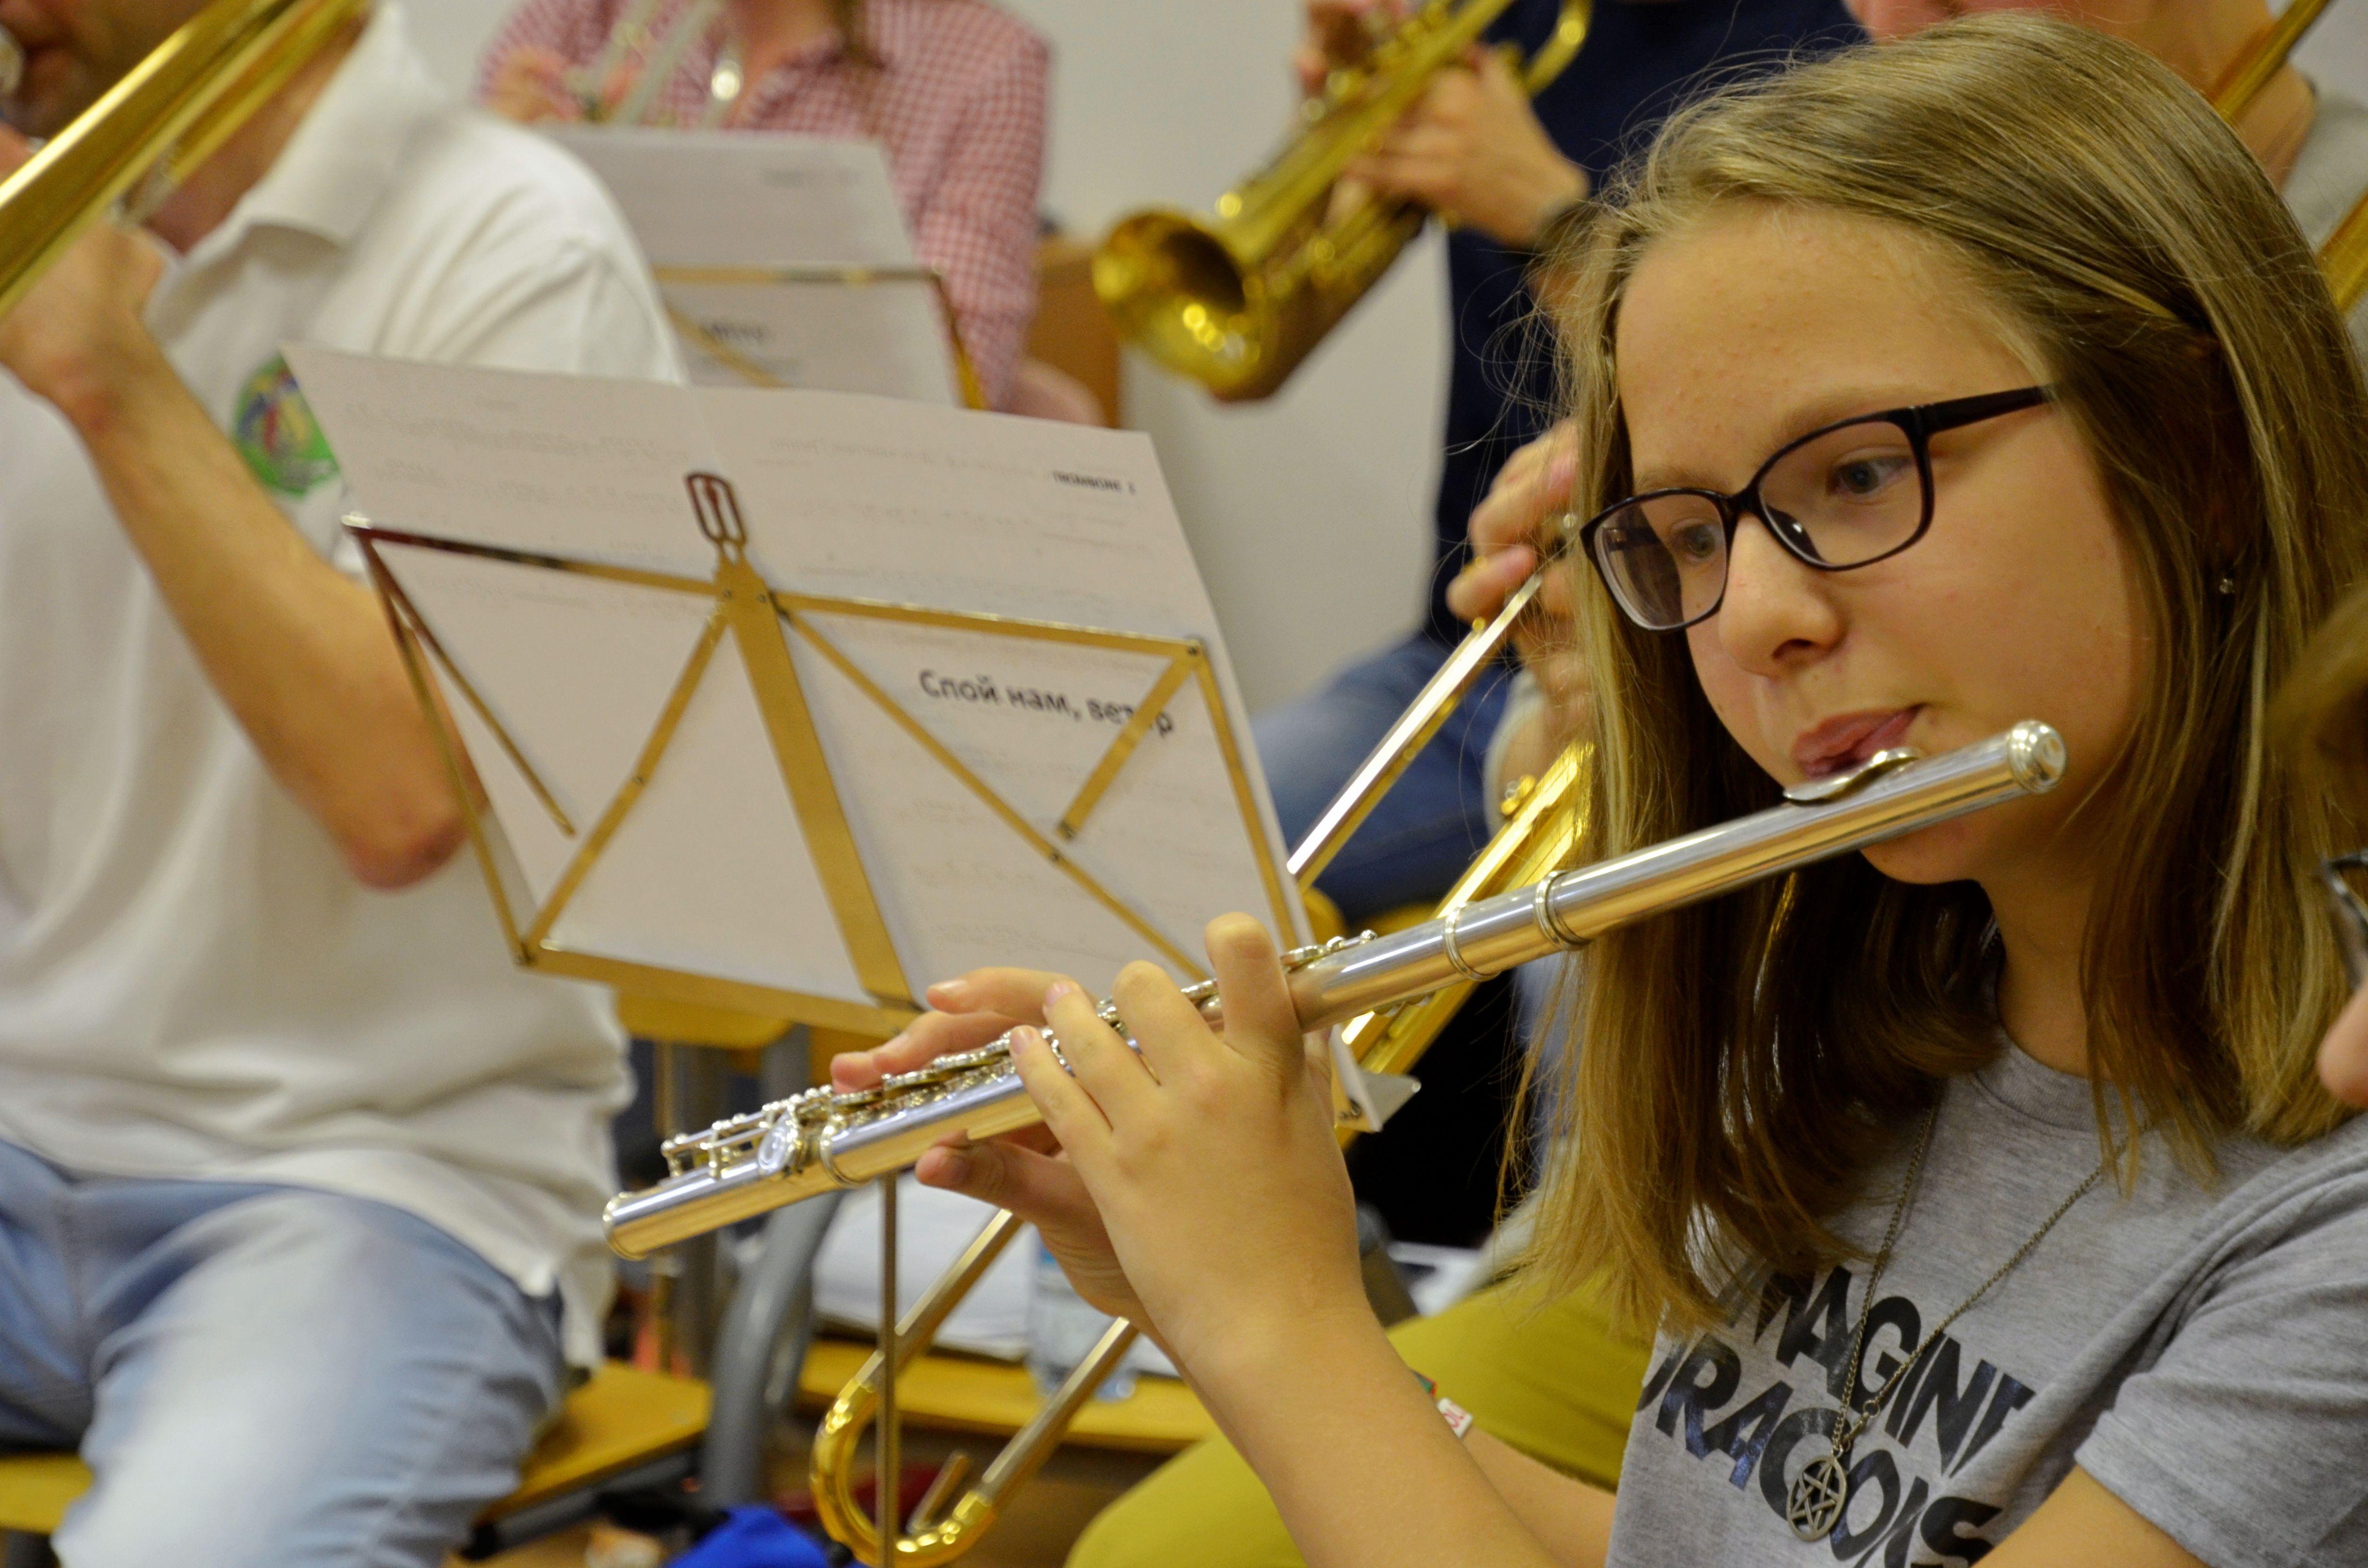 Юные виртуозы выступили с музыкальным концертом в Шишкином Лесу